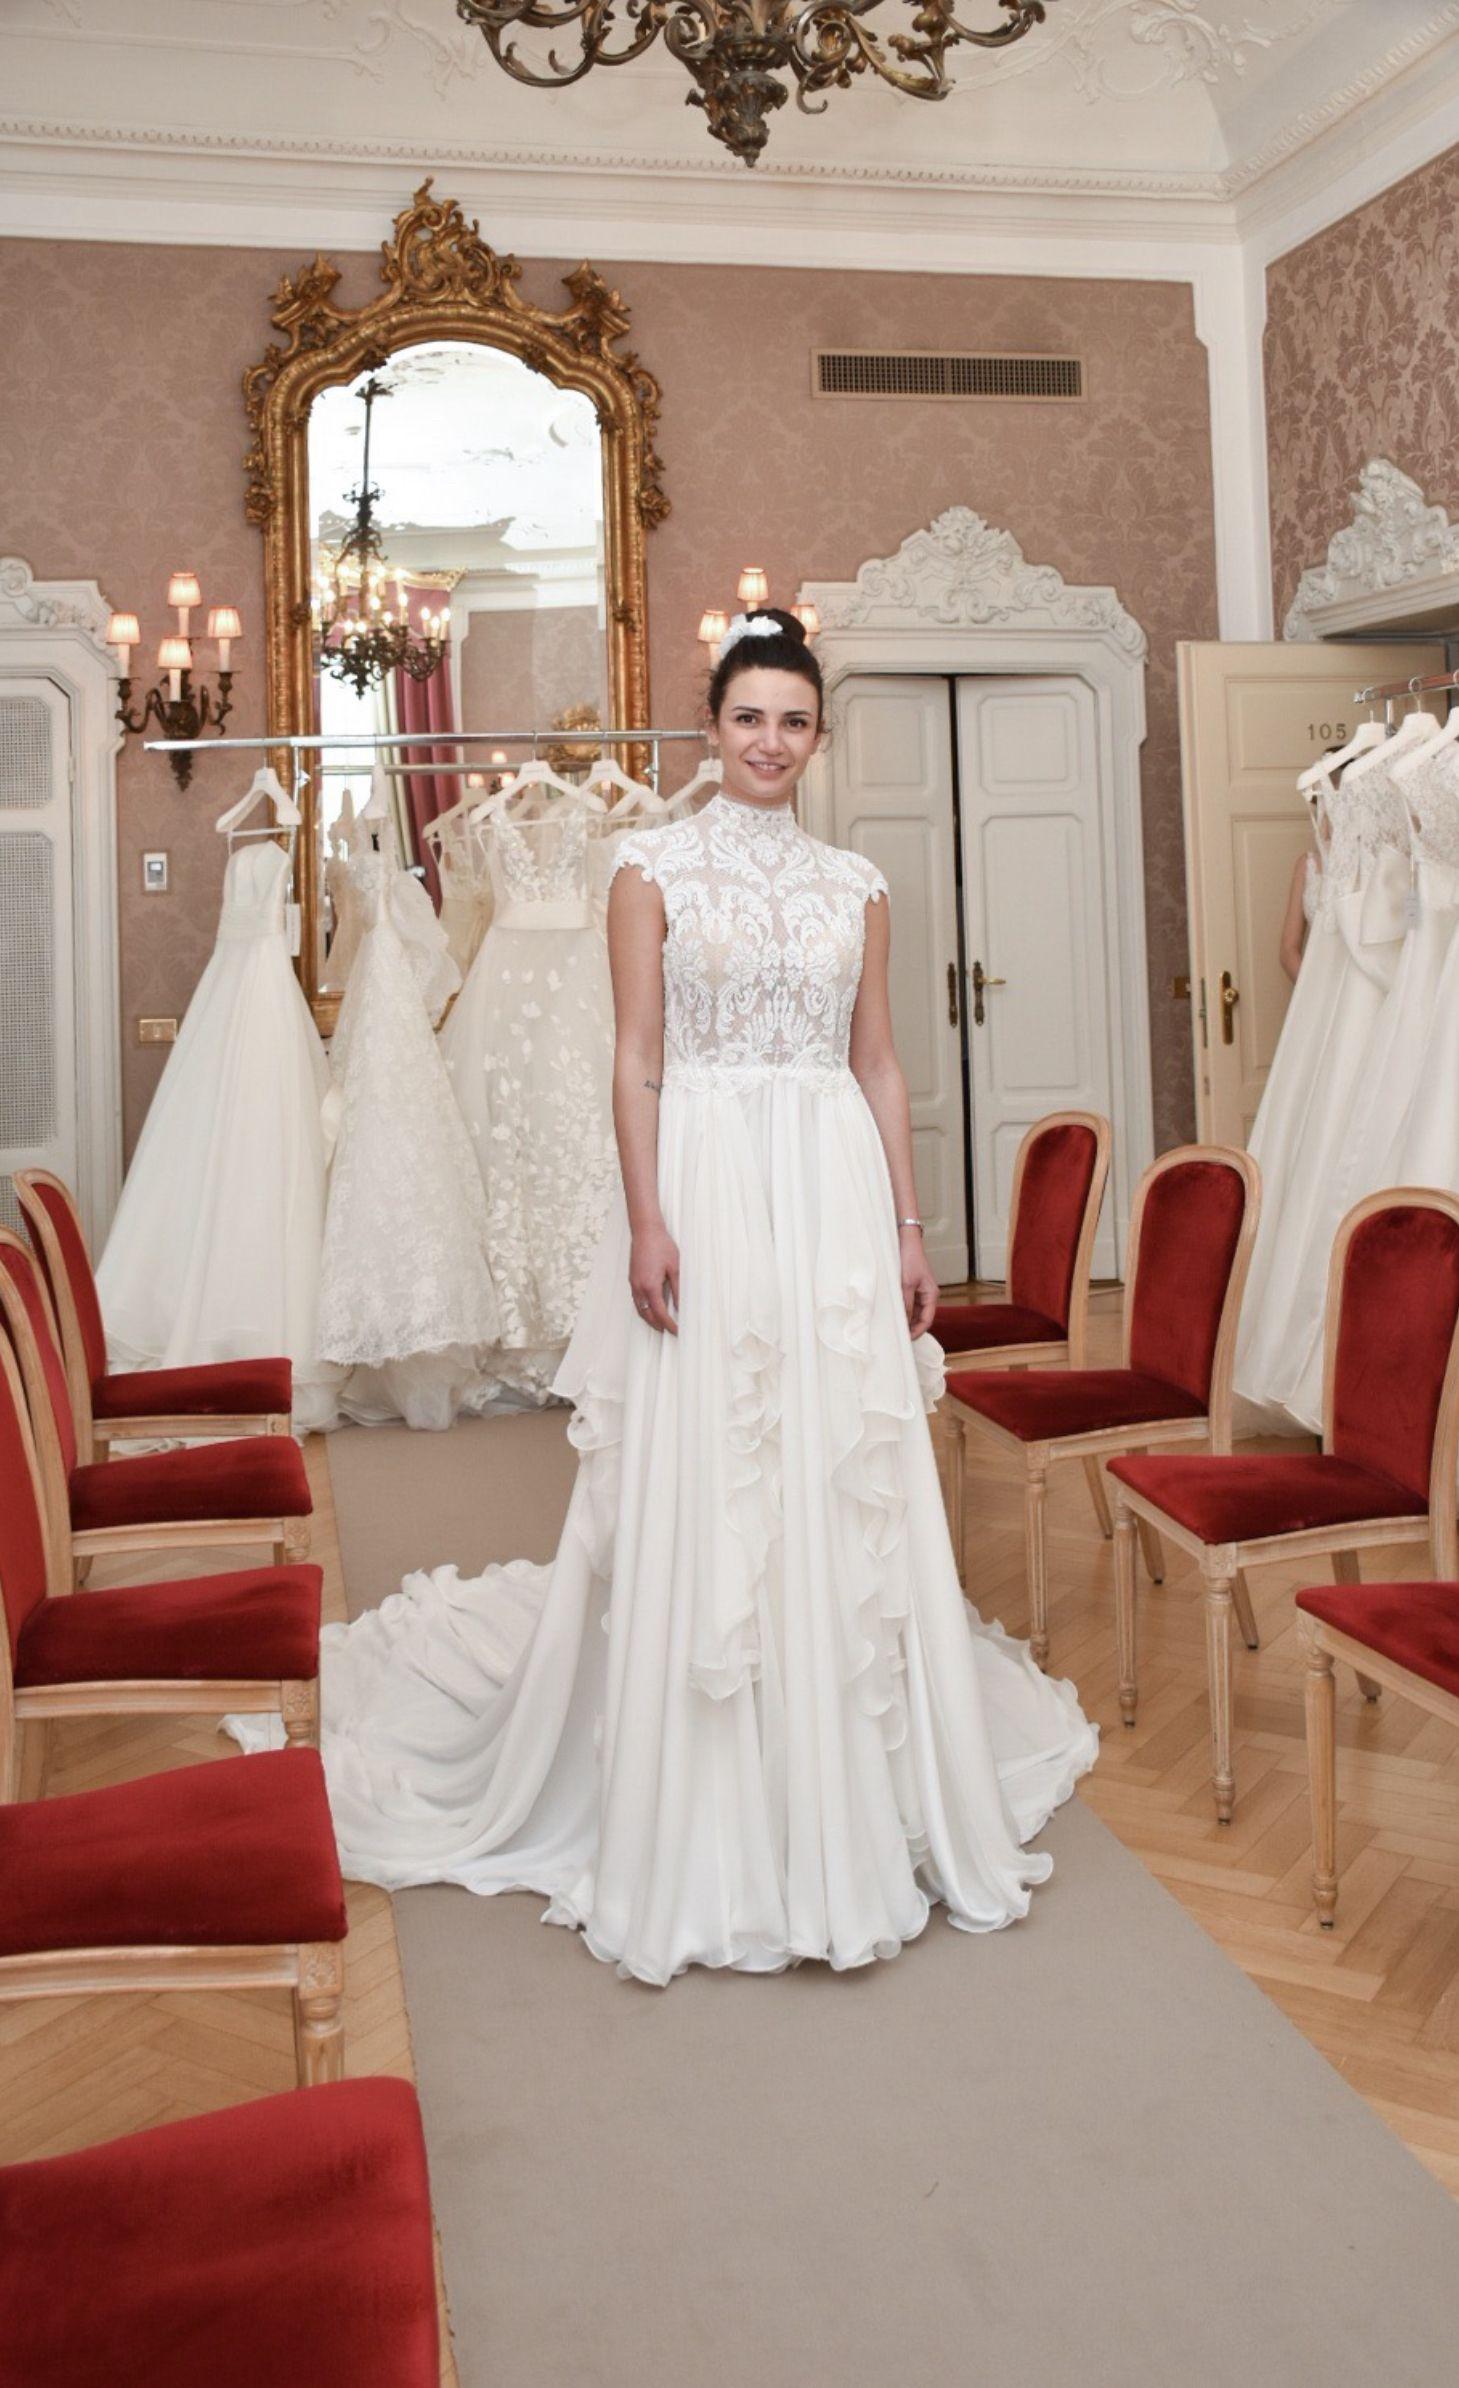 f587f705bfc4 È della nuovissima Collezione Sposa 2020 l  Abito da Sposa del giorno  firmato Stefano Blandaleone